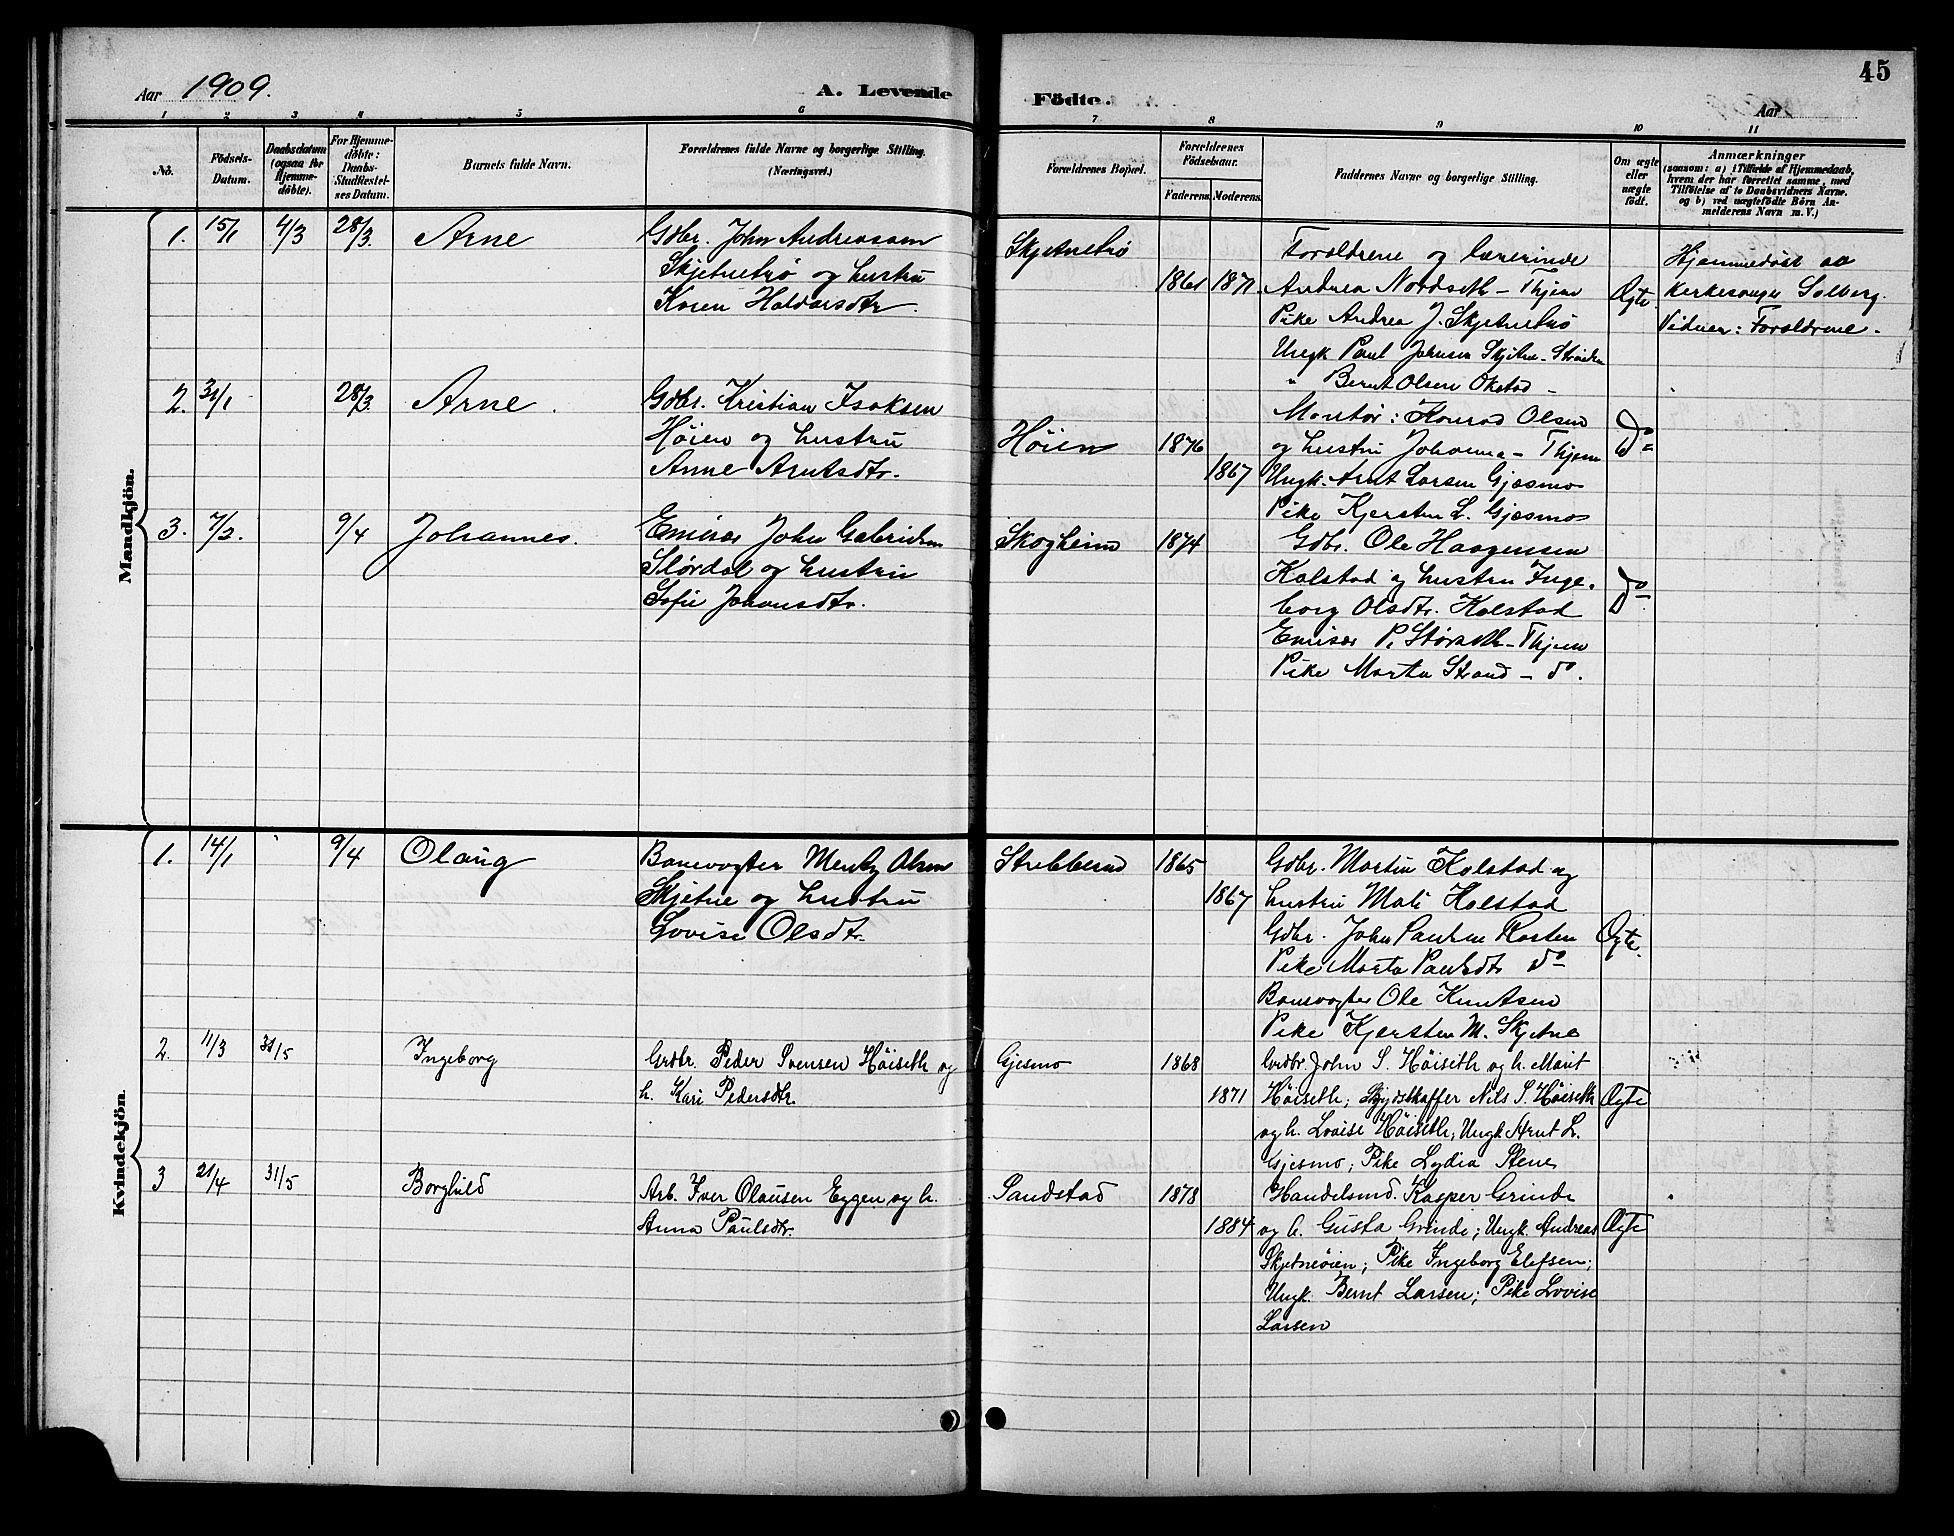 SAT, Ministerialprotokoller, klokkerbøker og fødselsregistre - Sør-Trøndelag, 621/L0460: Klokkerbok nr. 621C03, 1896-1914, s. 45